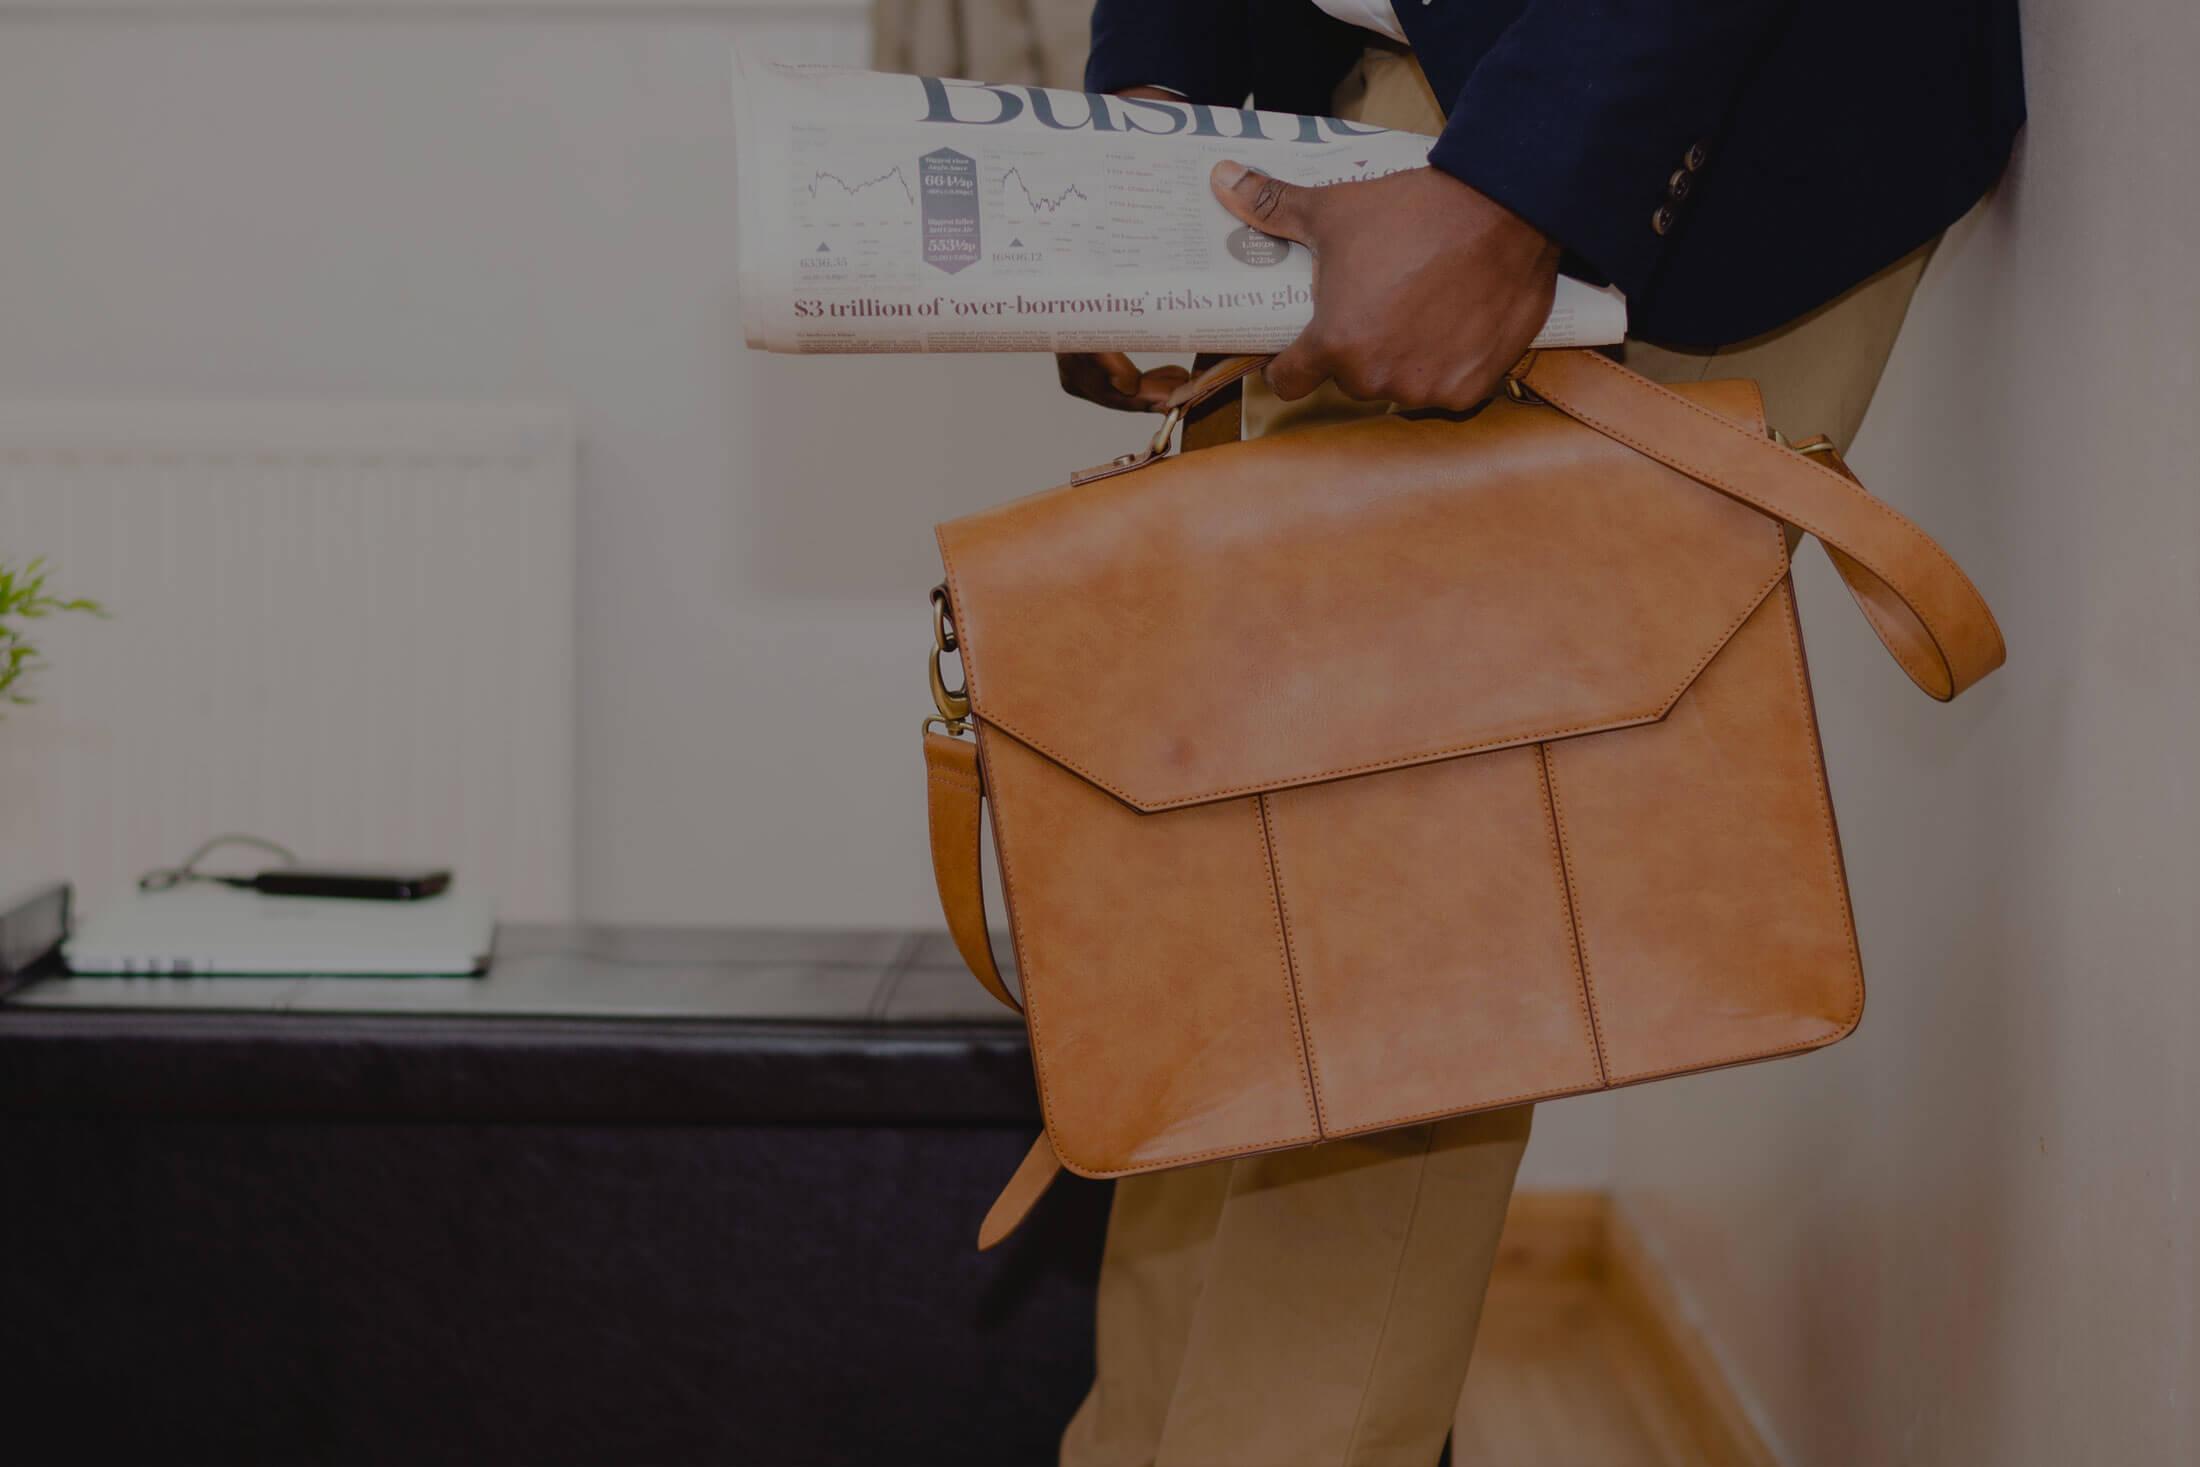 Pole emploi - offre emploi Conseiller insertion professionnelle bénéficiaires rsa (H/F) - Argenteuil